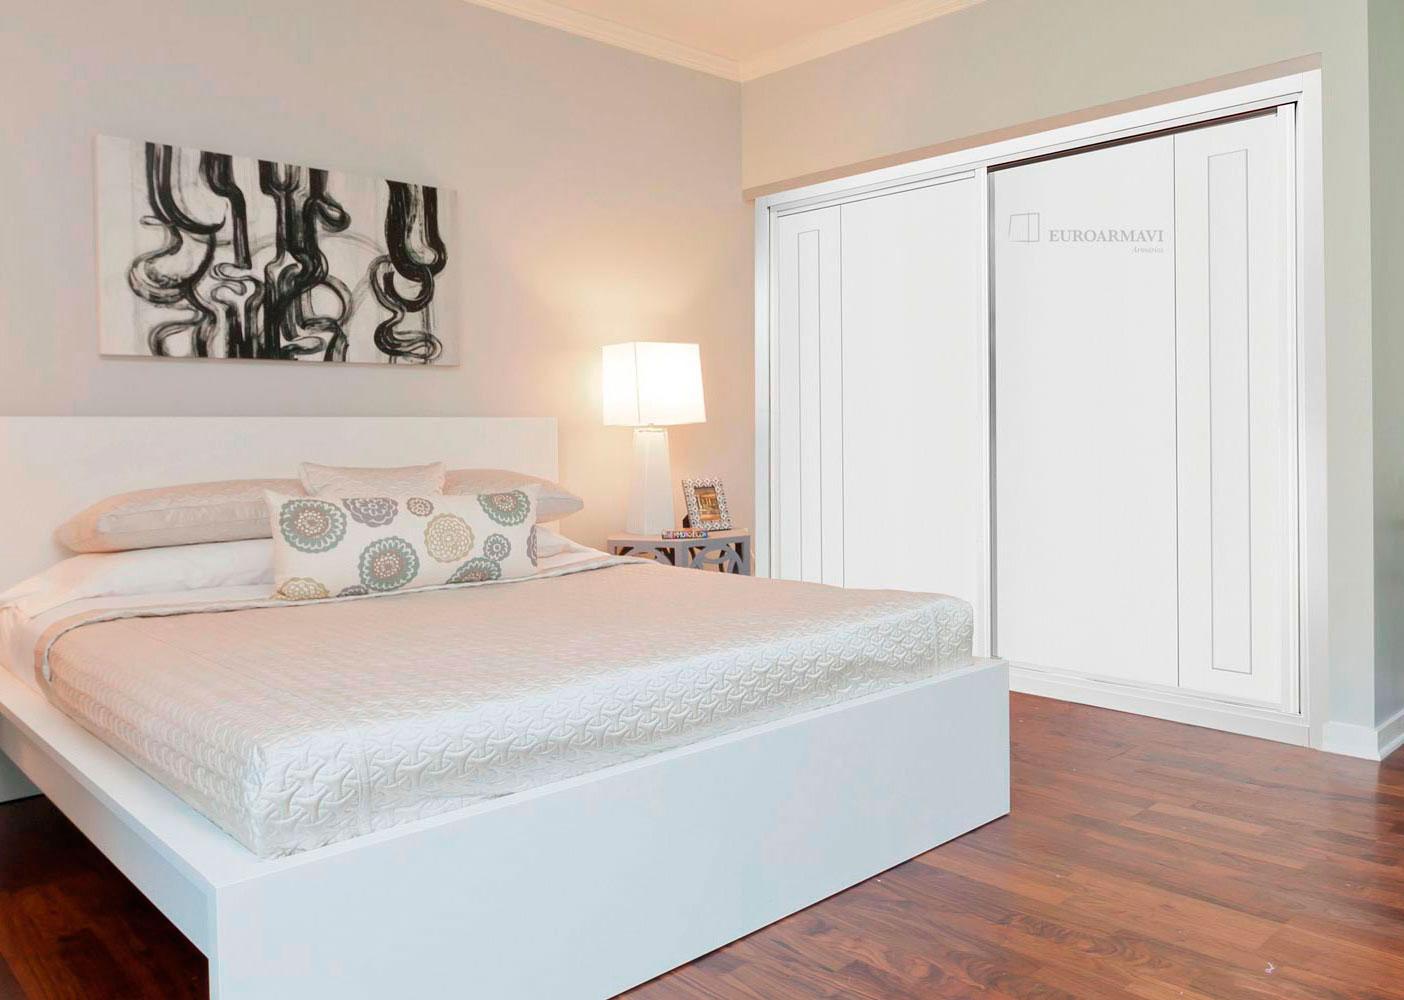 07 - Dormitorios con armarios empotrados ...